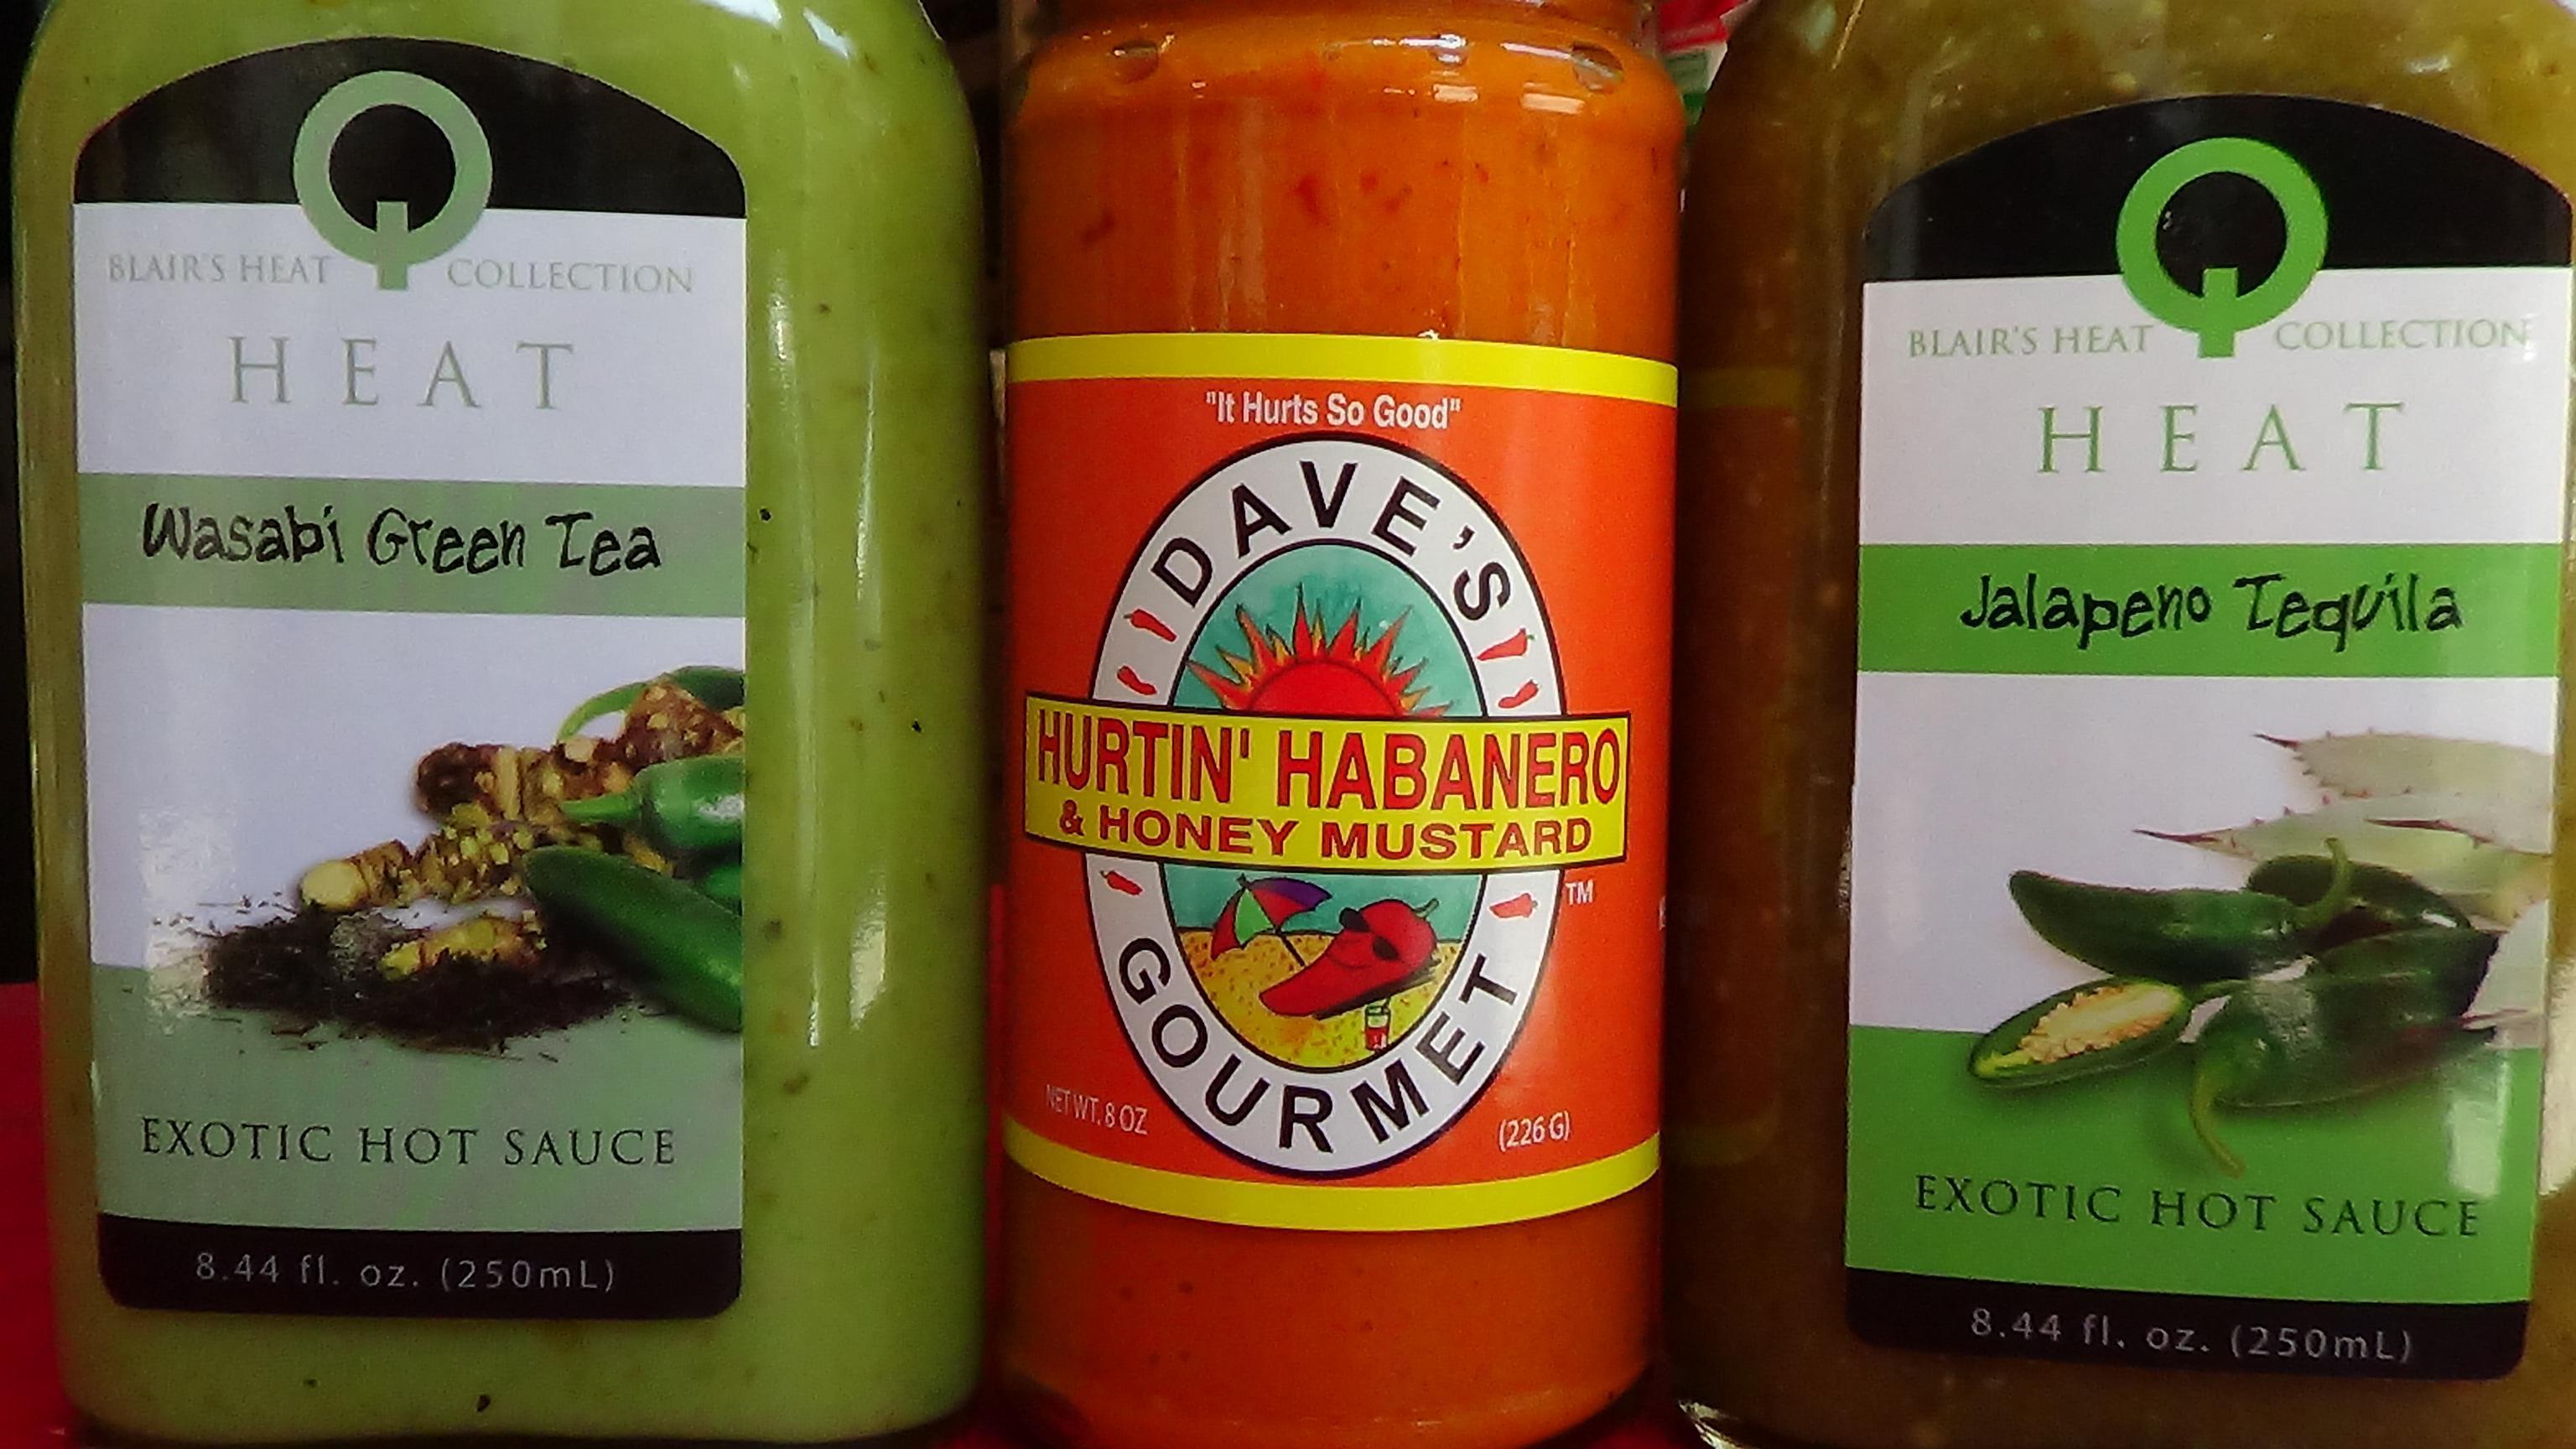 Τα καυτερά παίζουν πρωταγωνιστικό ρόλο στα ράφια του. Καυτερές σάλτσές από wasabi και πράσινο τσάι, jalapeños και τεκίλα και Hurtin Habanero με γλυκιά μουστάρδα.